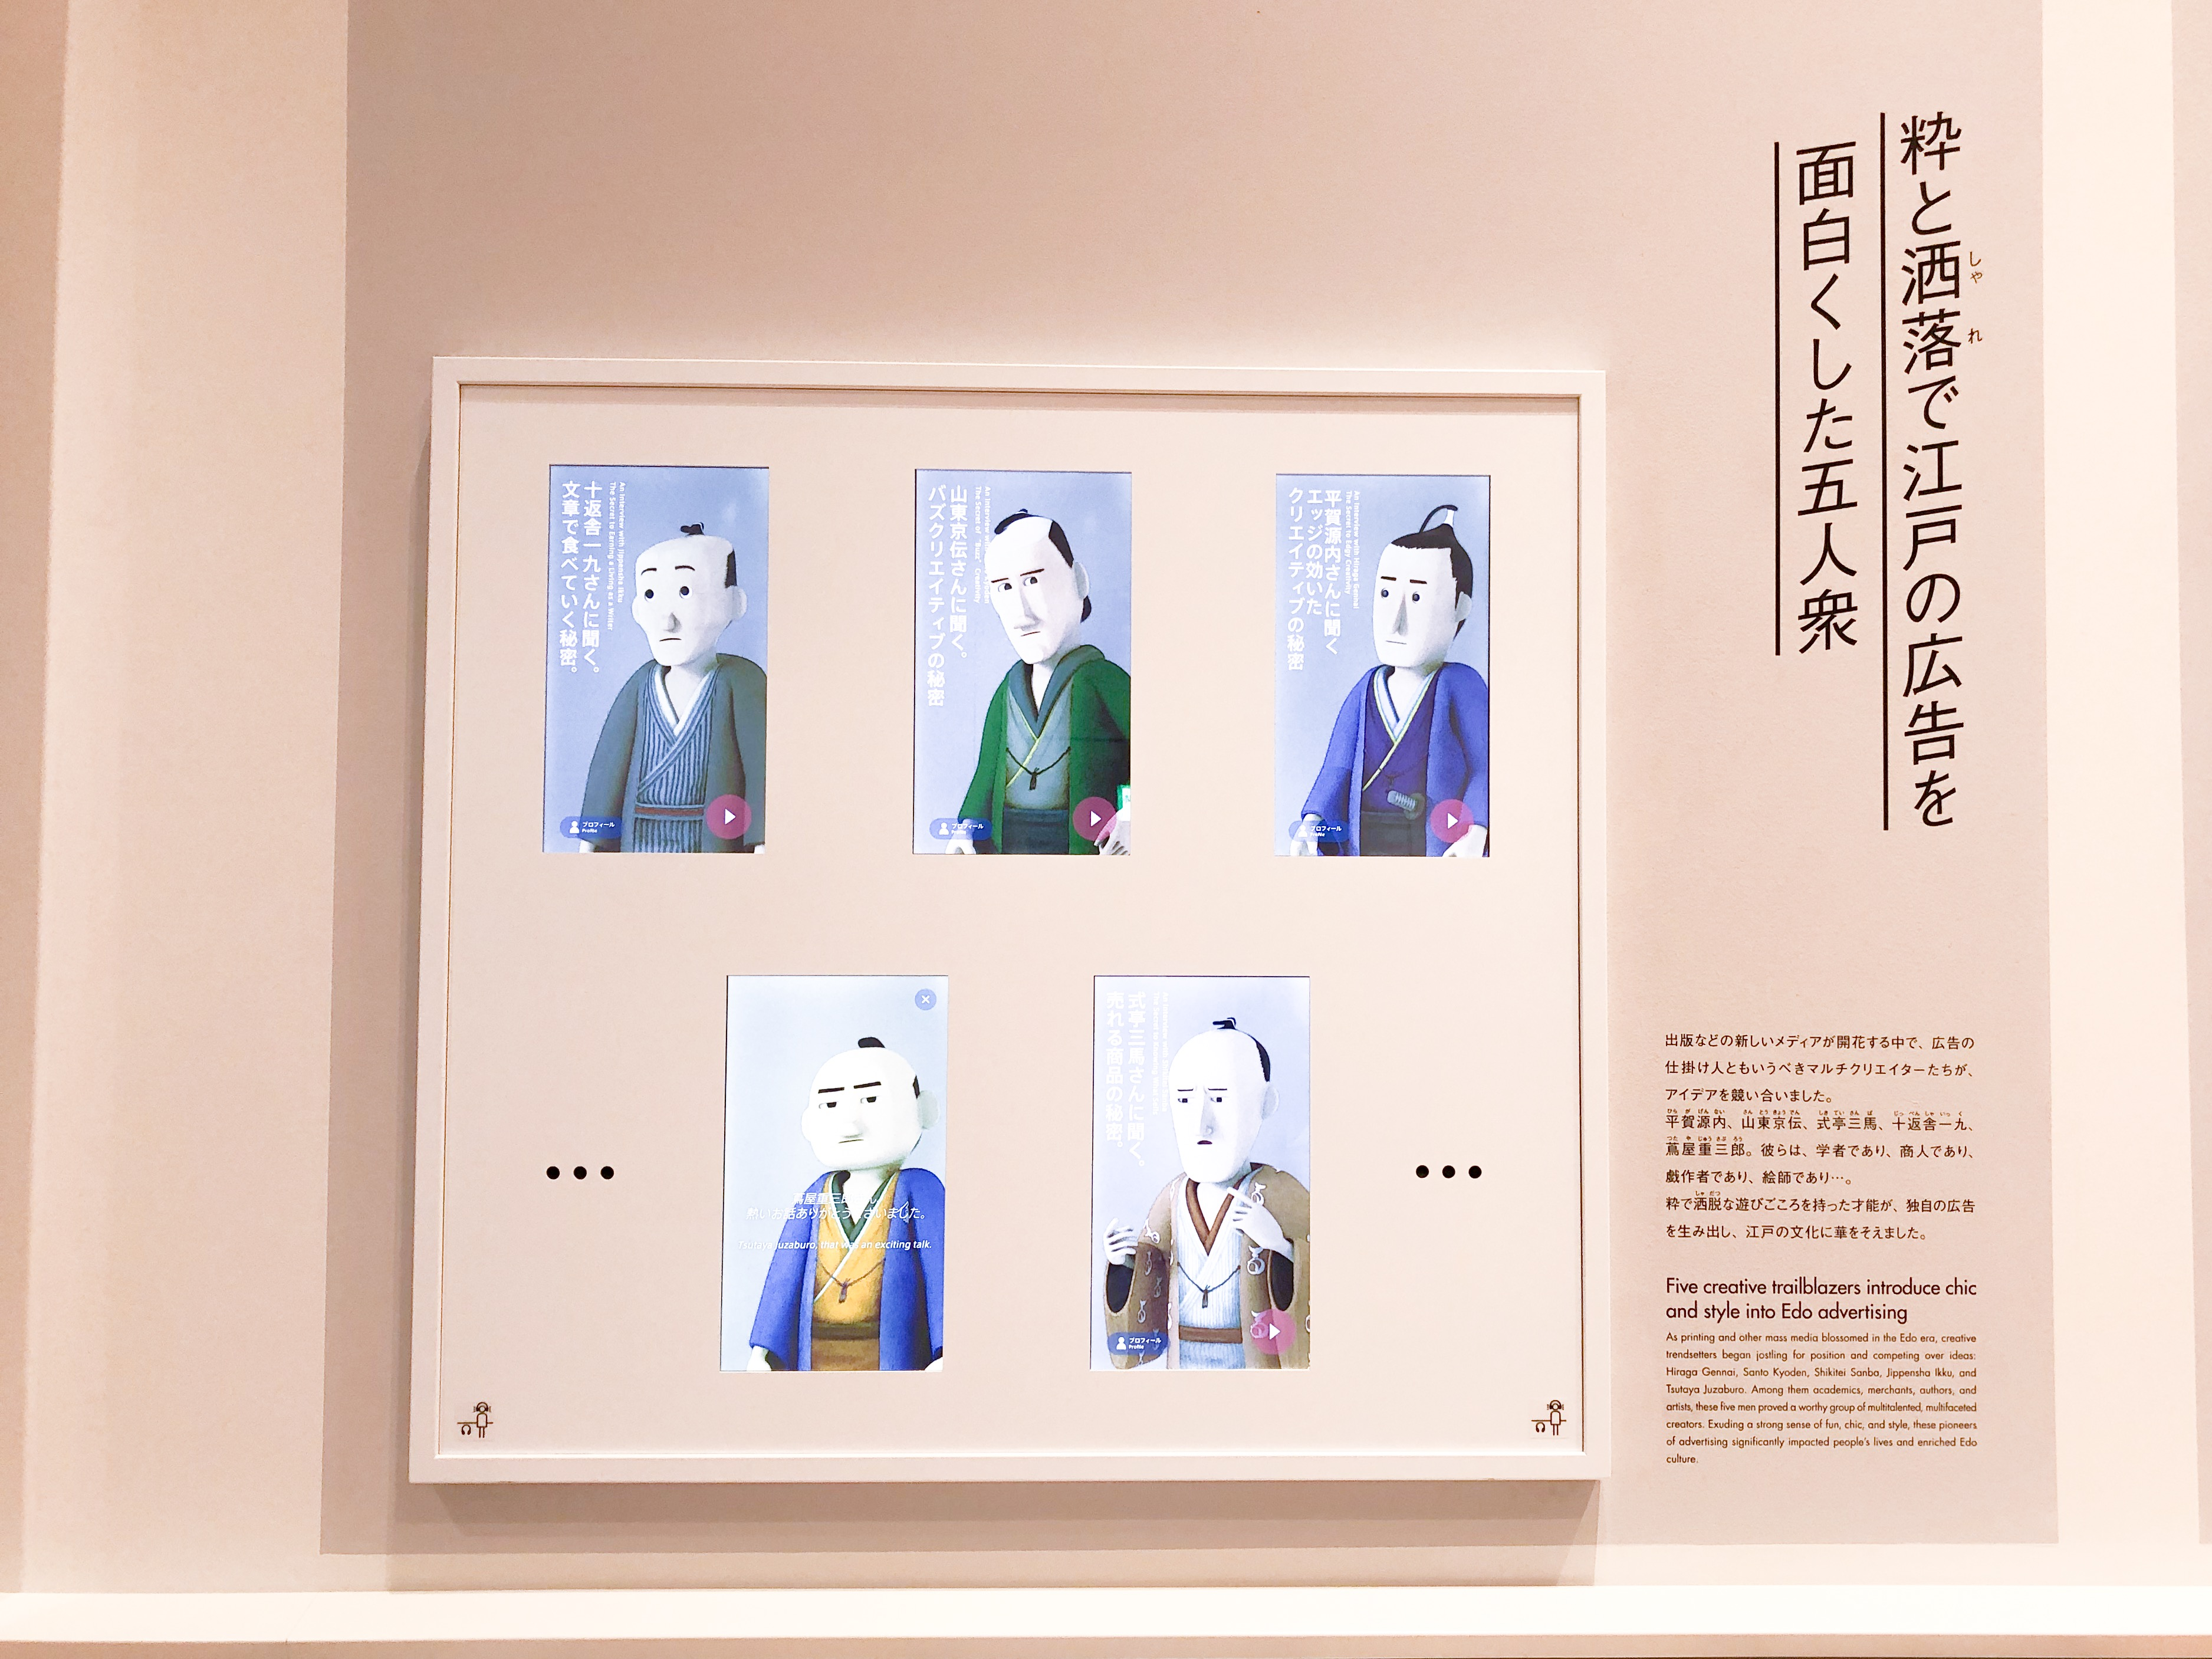 粋と洒落で江戸の広告を面白くした五人衆